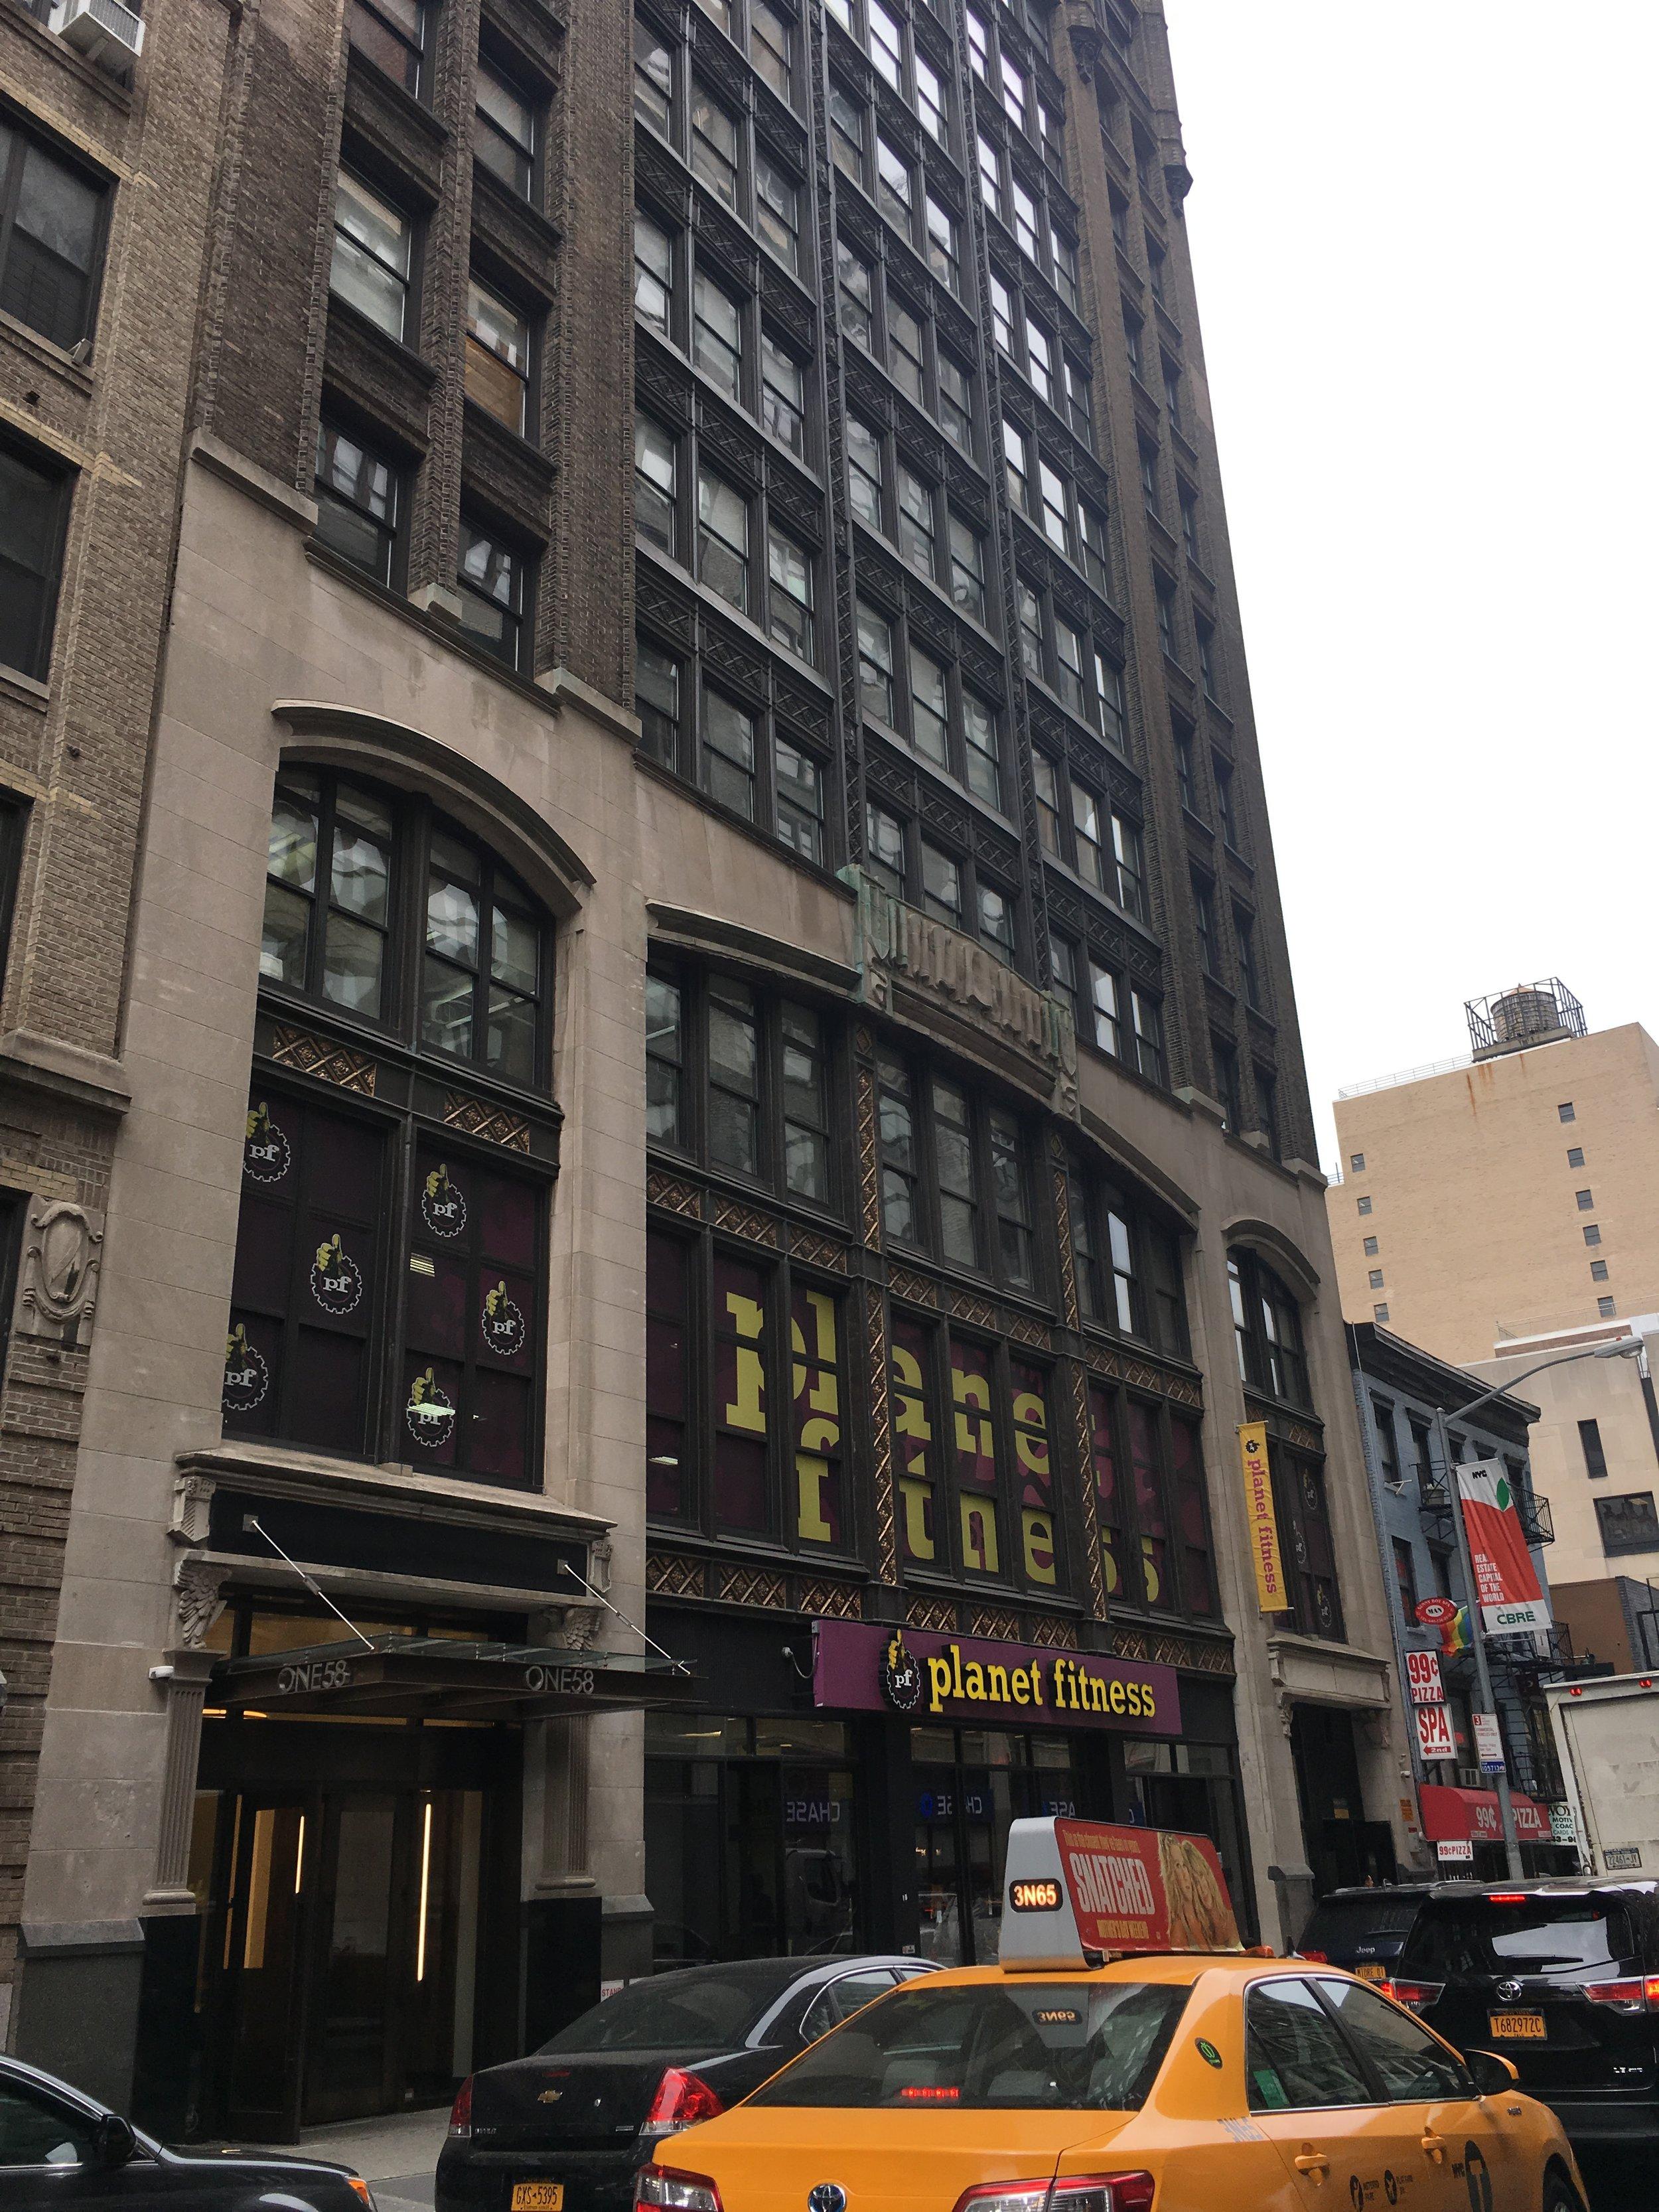 158 West 27th Street - Architect:Tobin Parnes Design Enterprises12 story office building